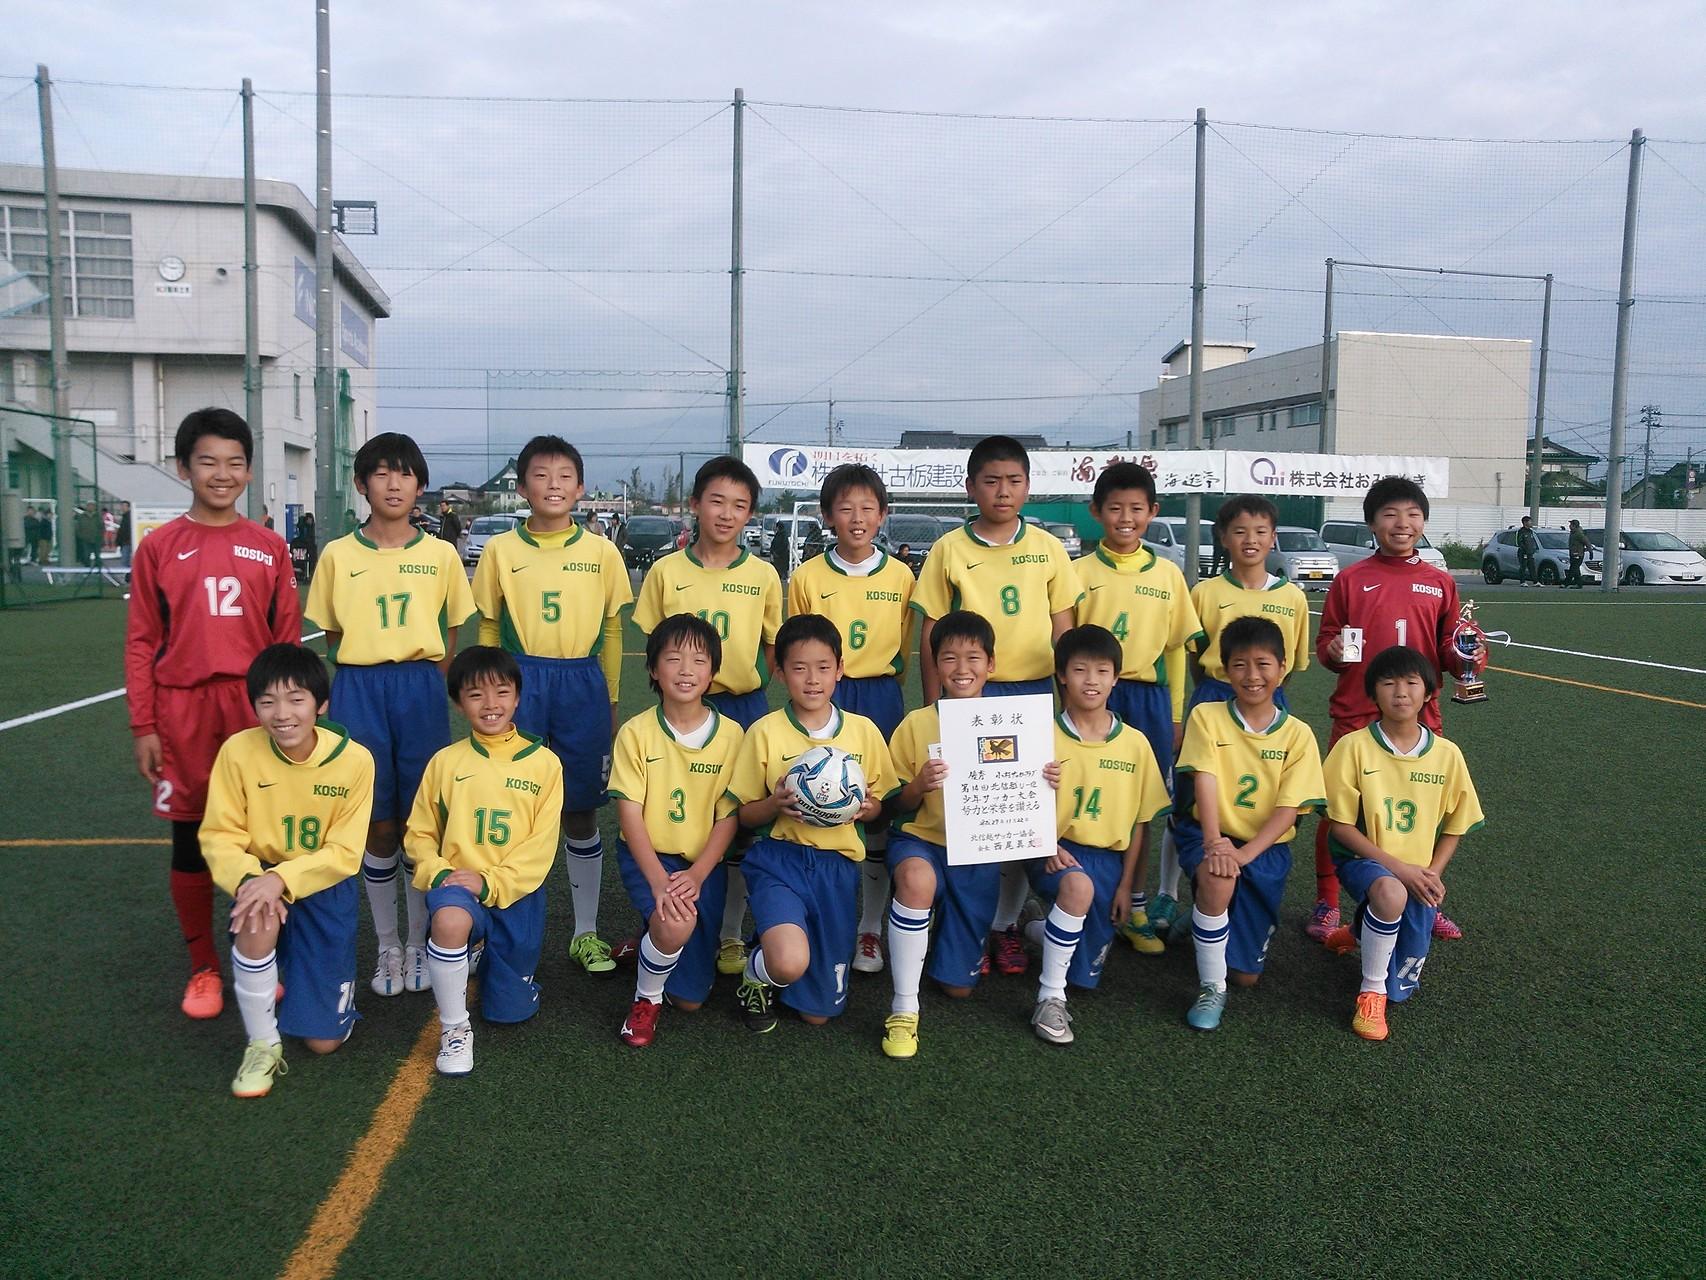 11月21日(土)、22日(日)第14回北信越U-12少年サッカー大会(U-12)  総合3位